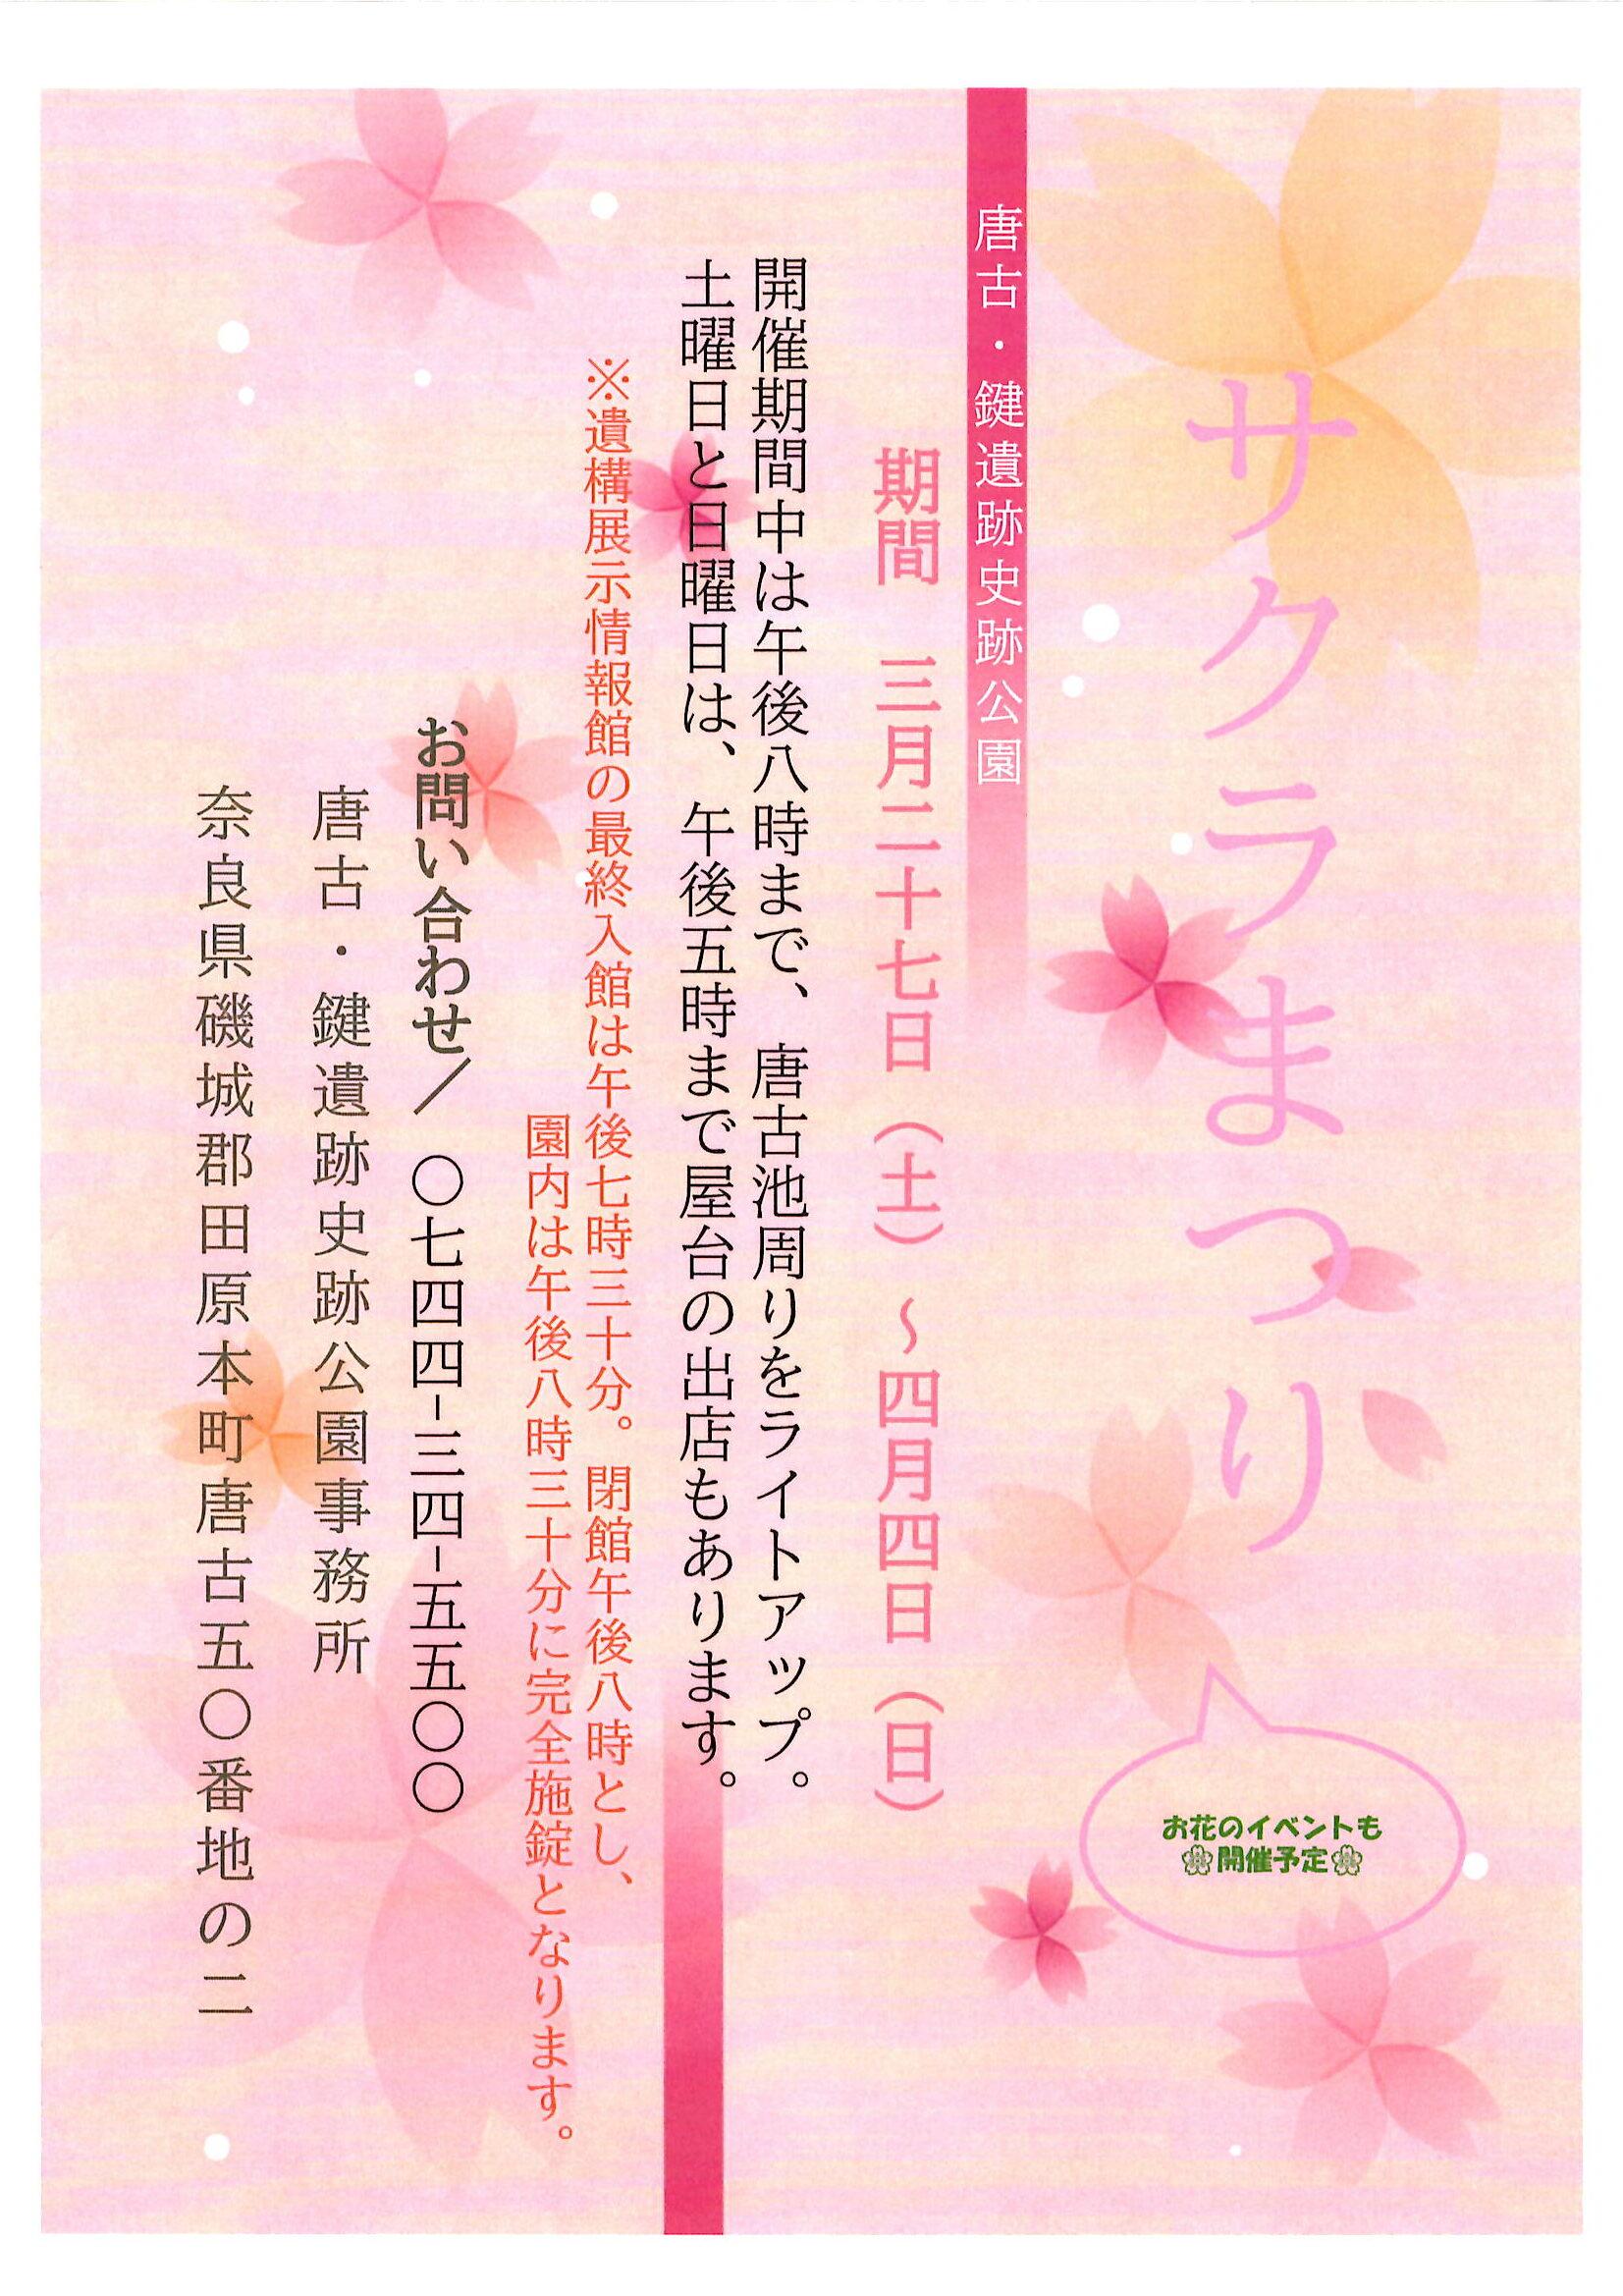 【イベント】唐古・鍵遺跡史跡公園「サクラまつり」